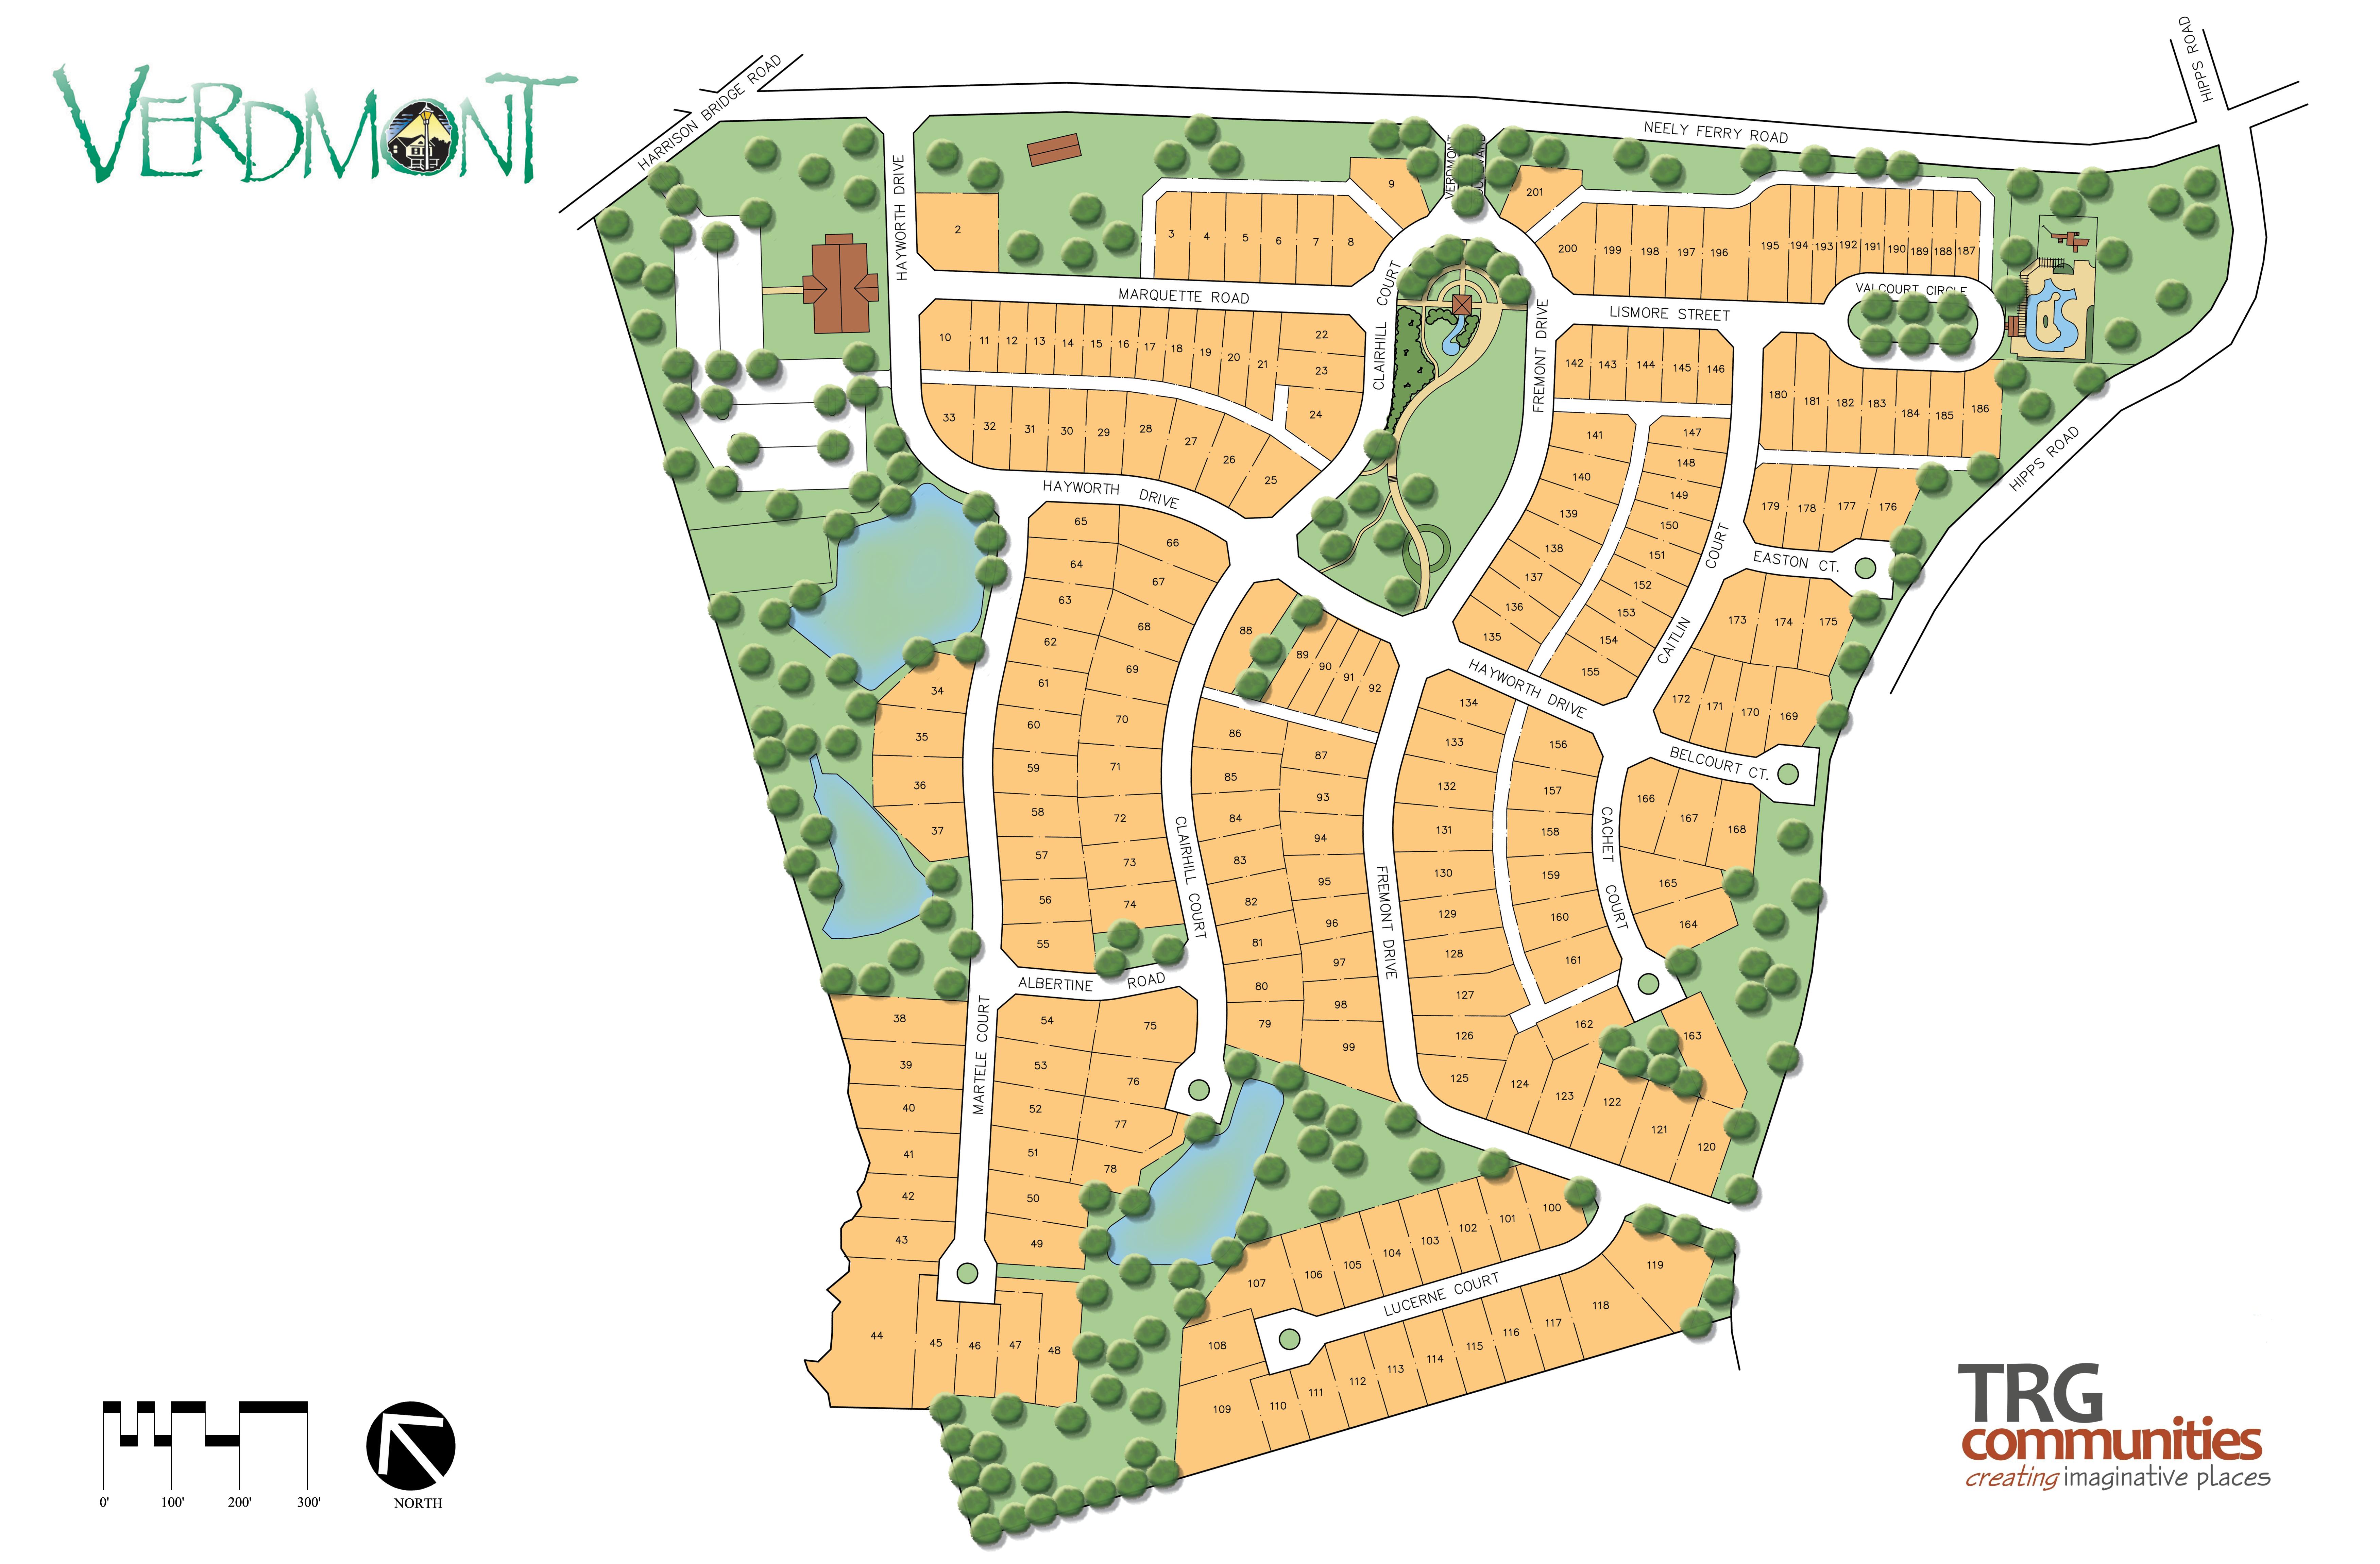 verdmont plan trg communities greenville sc